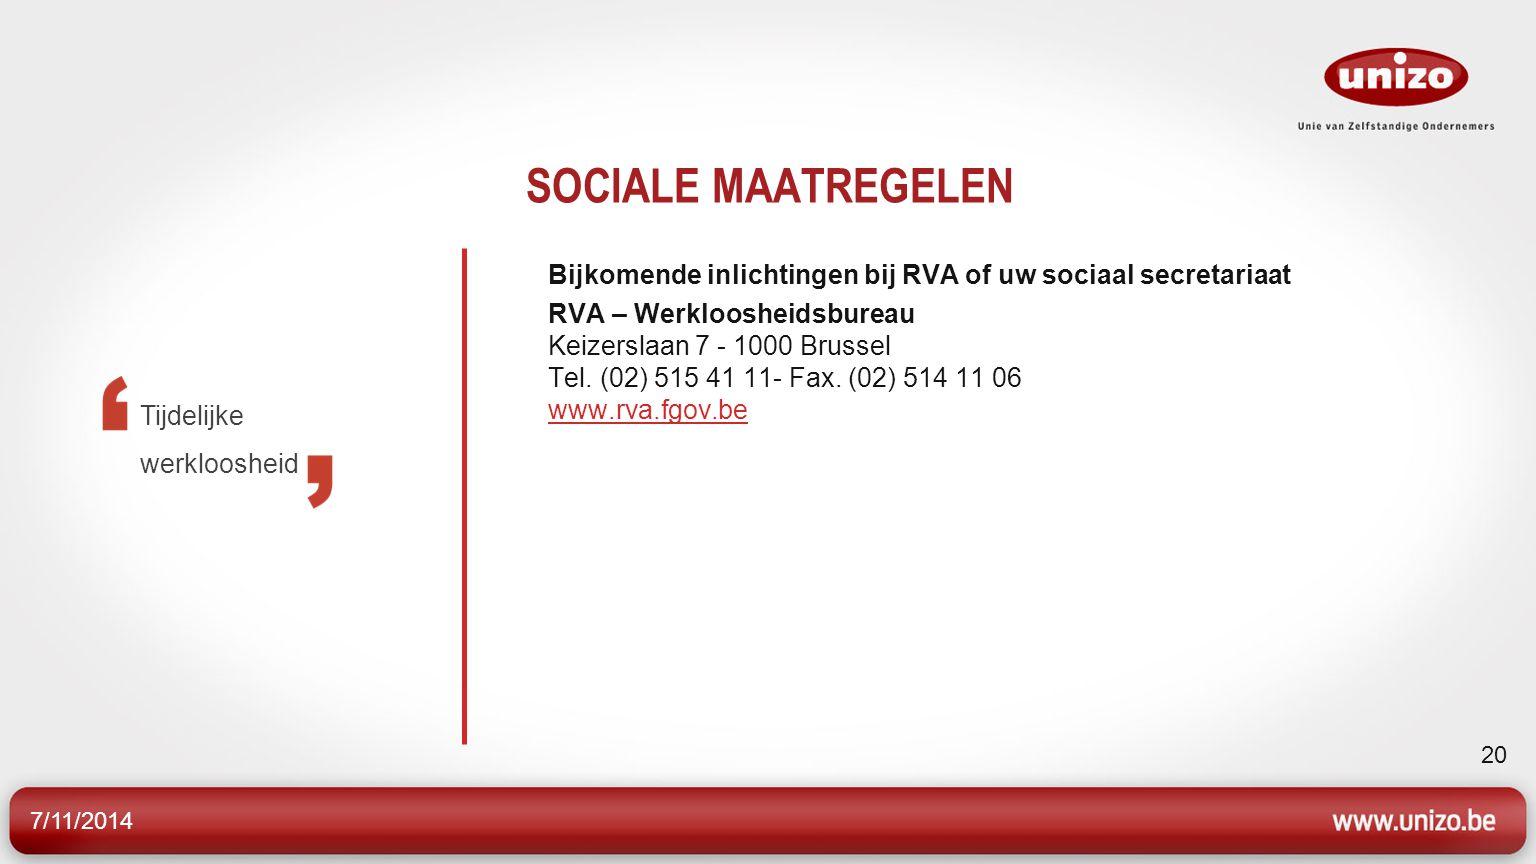 SOCIALE MAATREGELEN Bijkomende inlichtingen bij RVA of uw sociaal secretariaat.